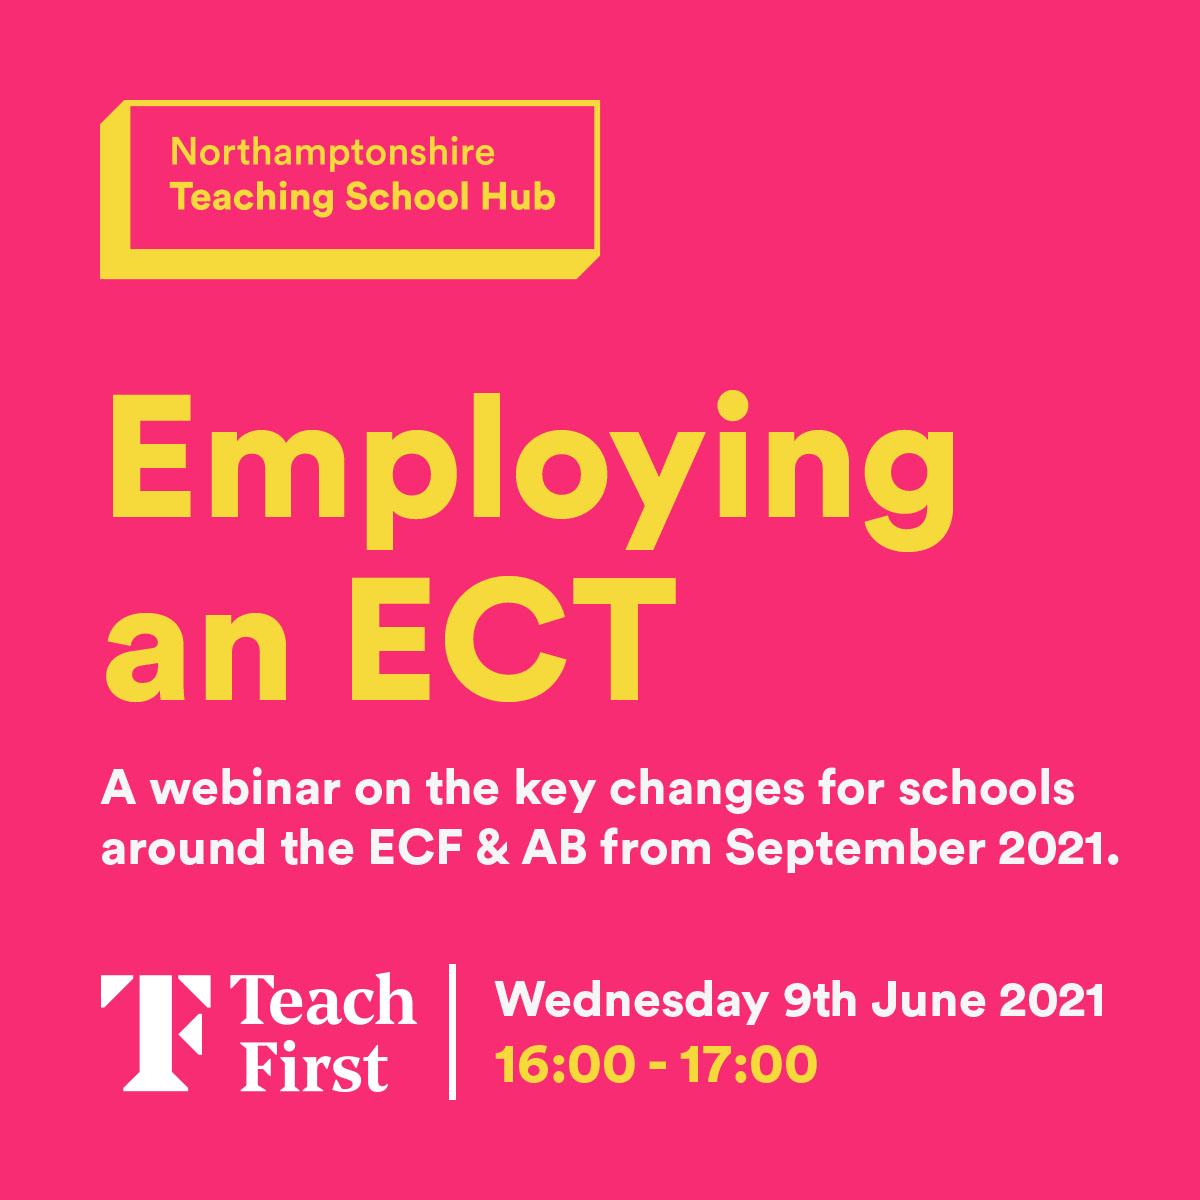 Webinar: Employing an ECT (NQT)